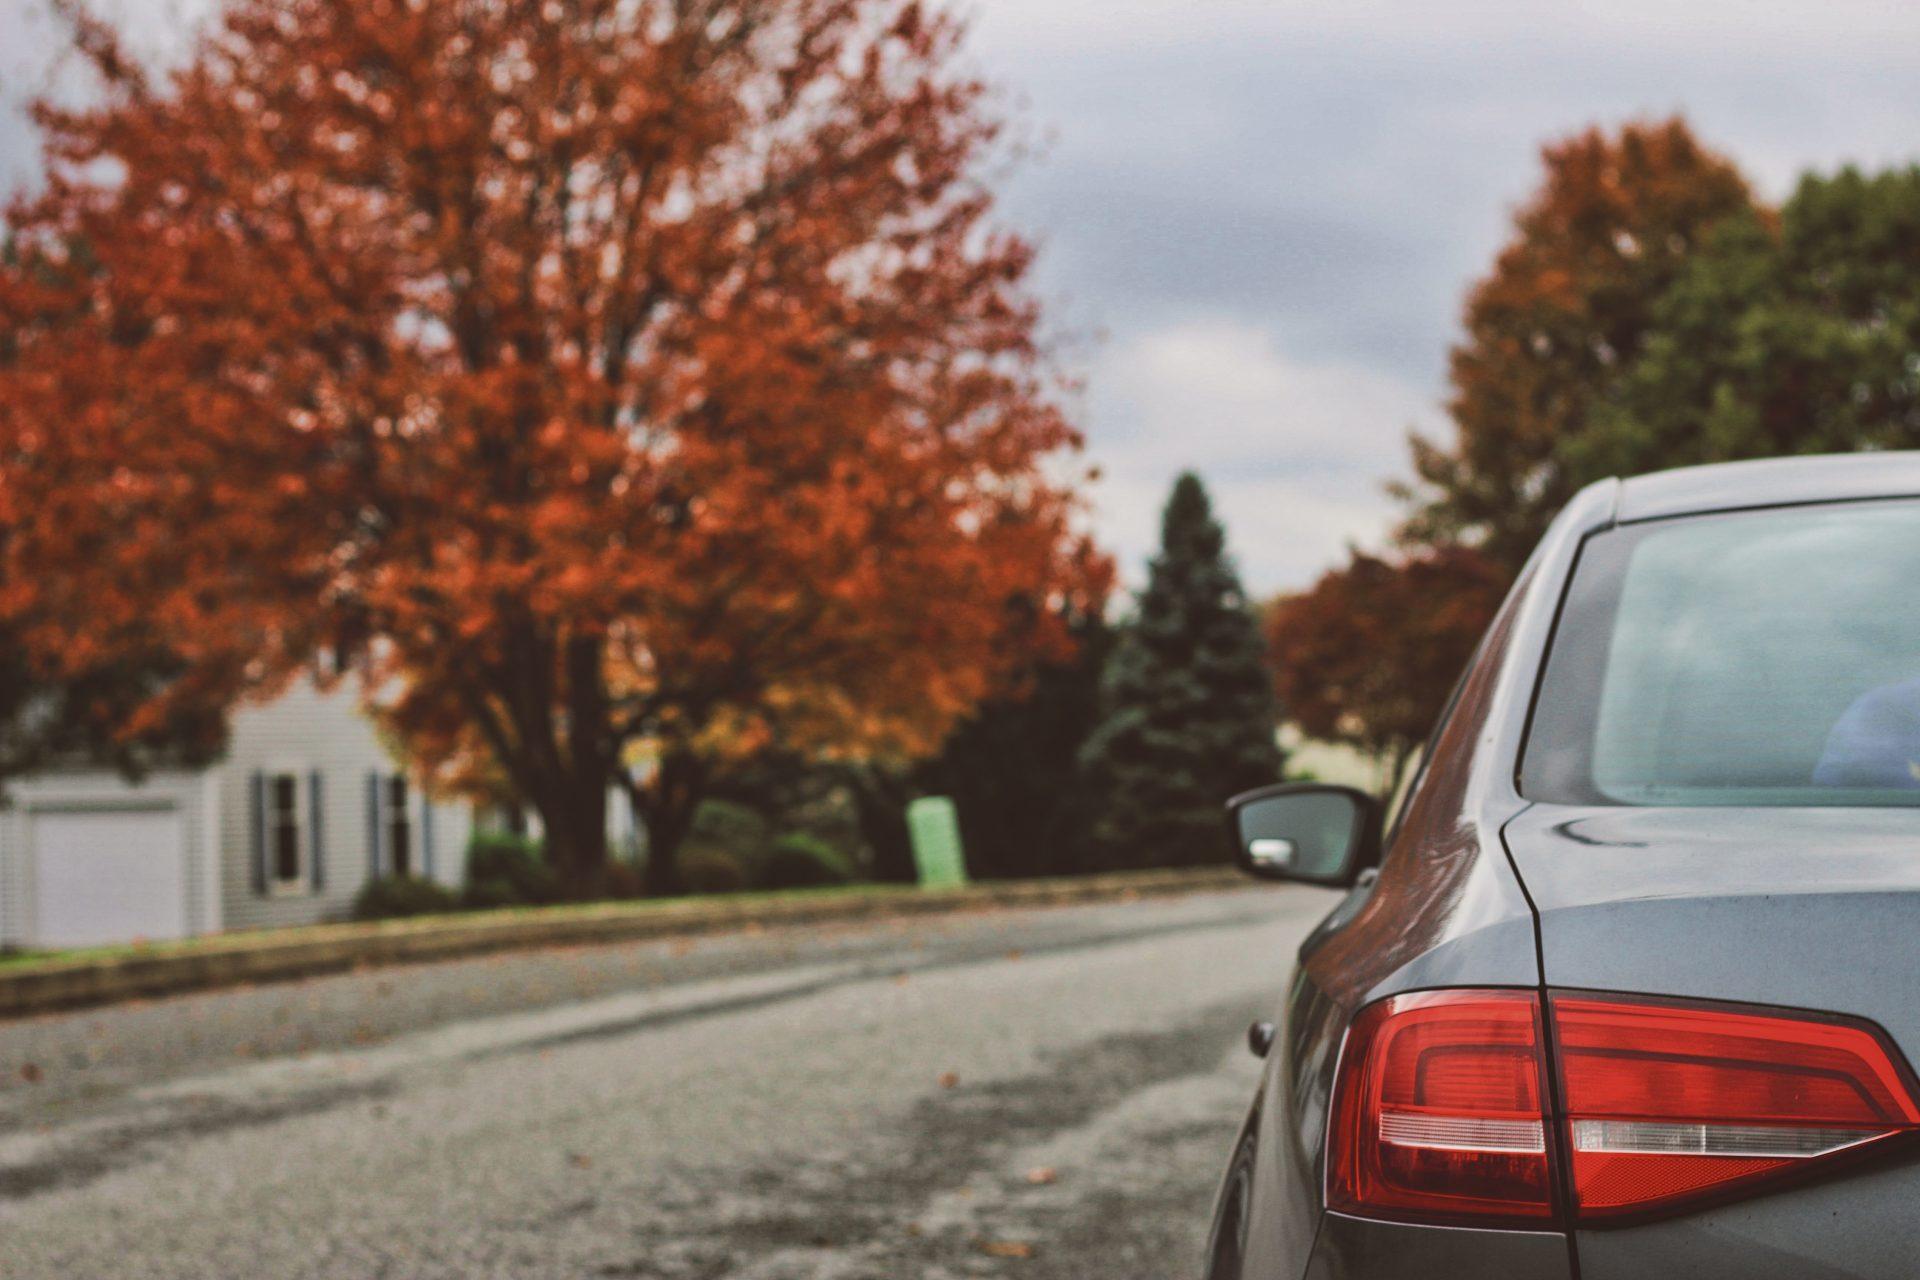 Automobilio techninės būklės įvertinimas prieš pirkimą